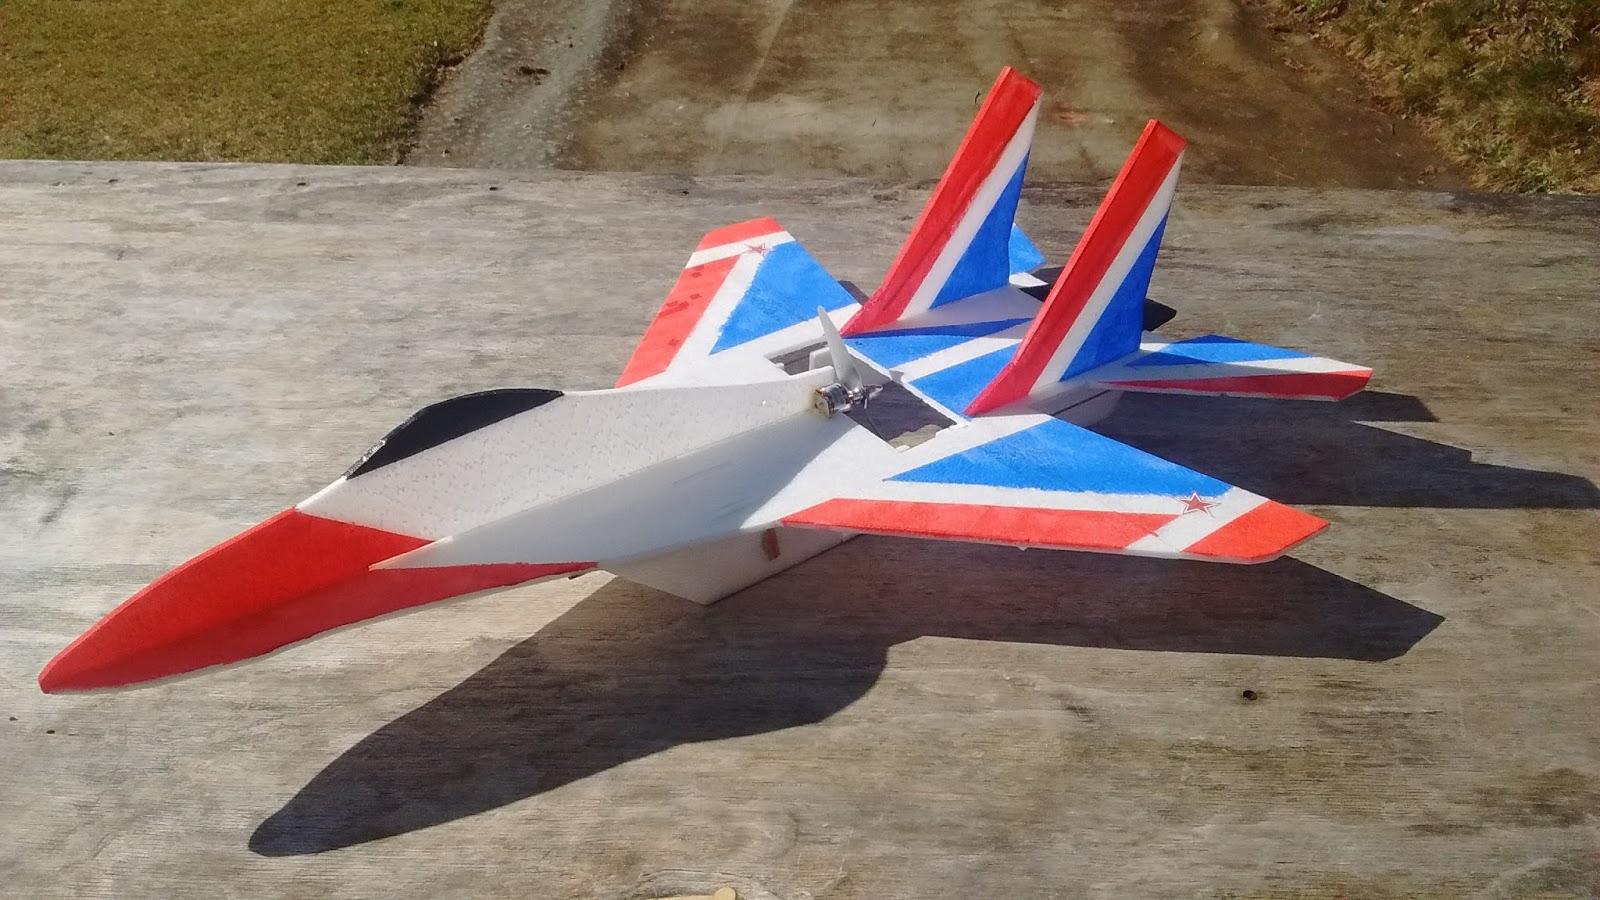 Scott's ParkJet blog: Beginner Park Jet series - Step by